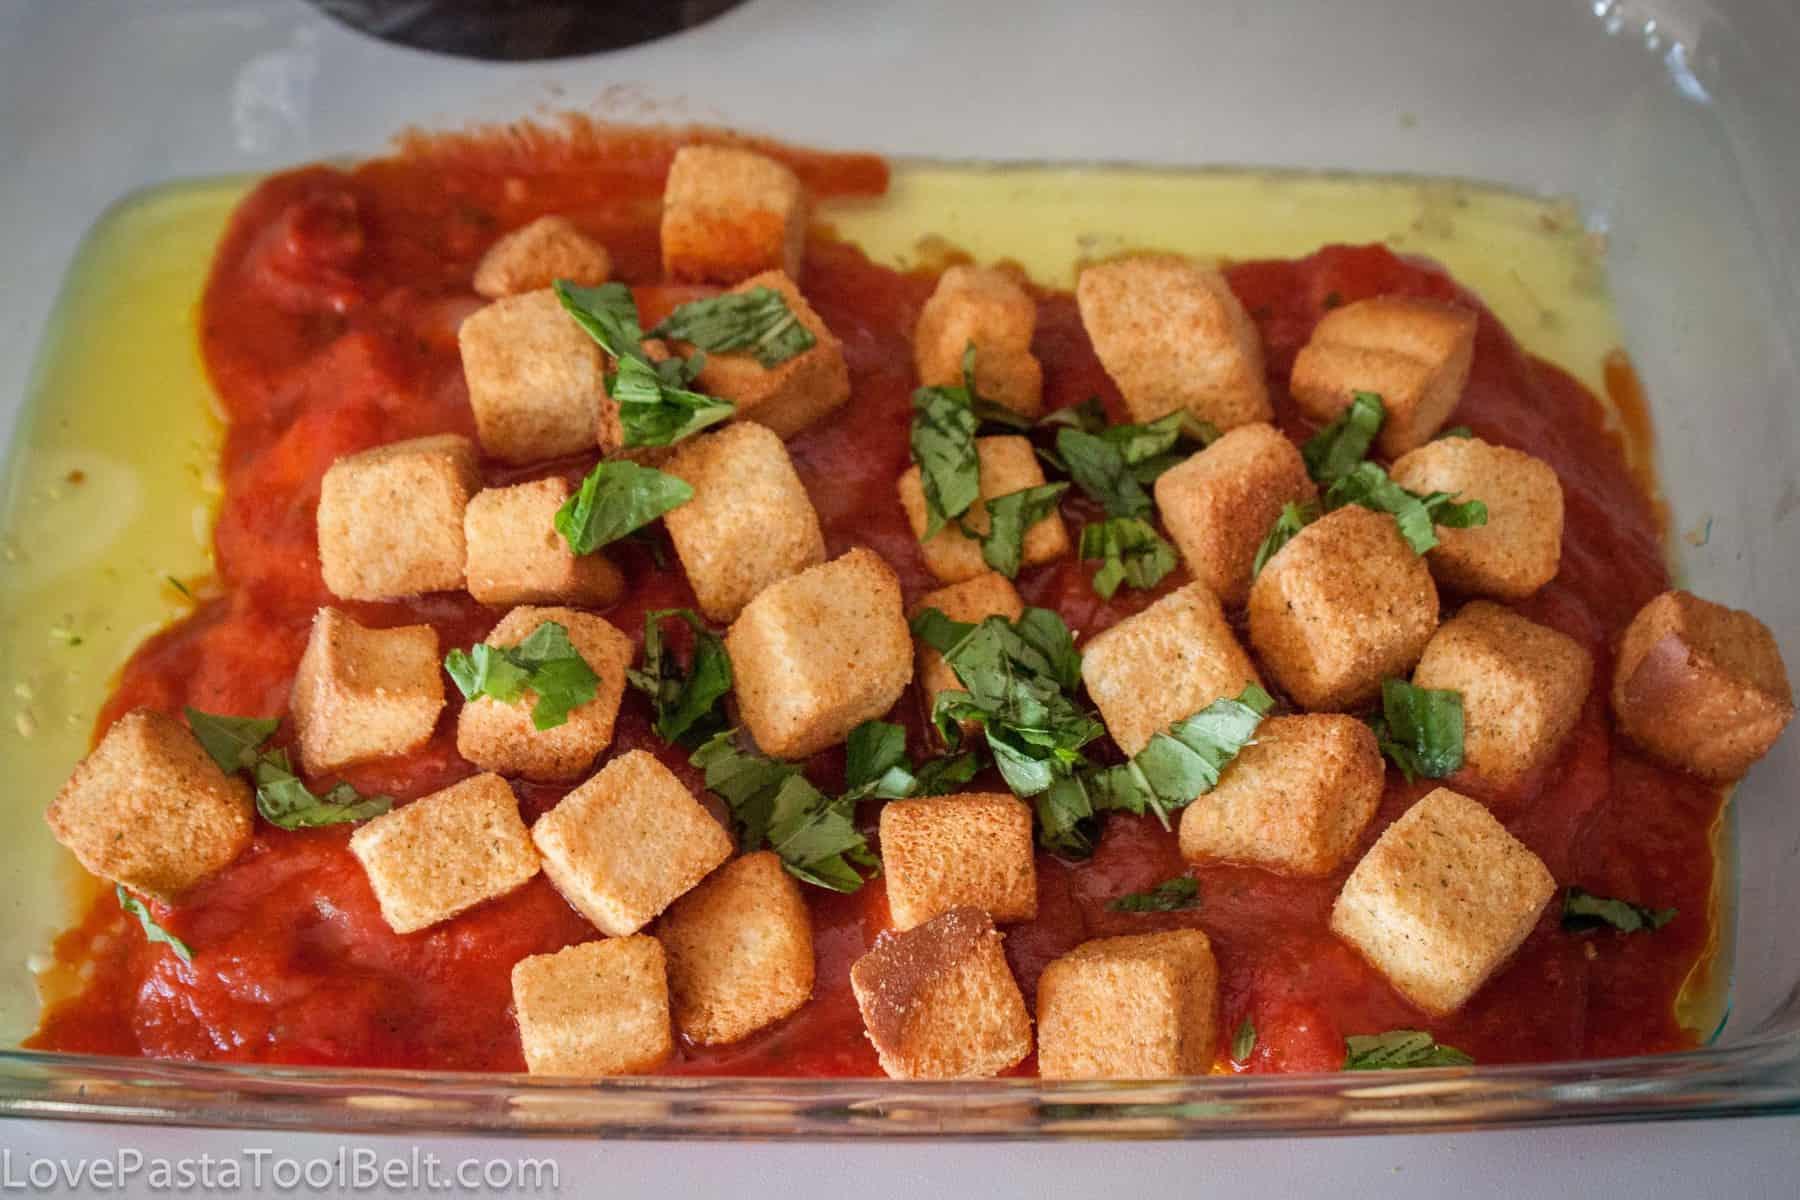 Garlic Crouton Chicken Parmesan